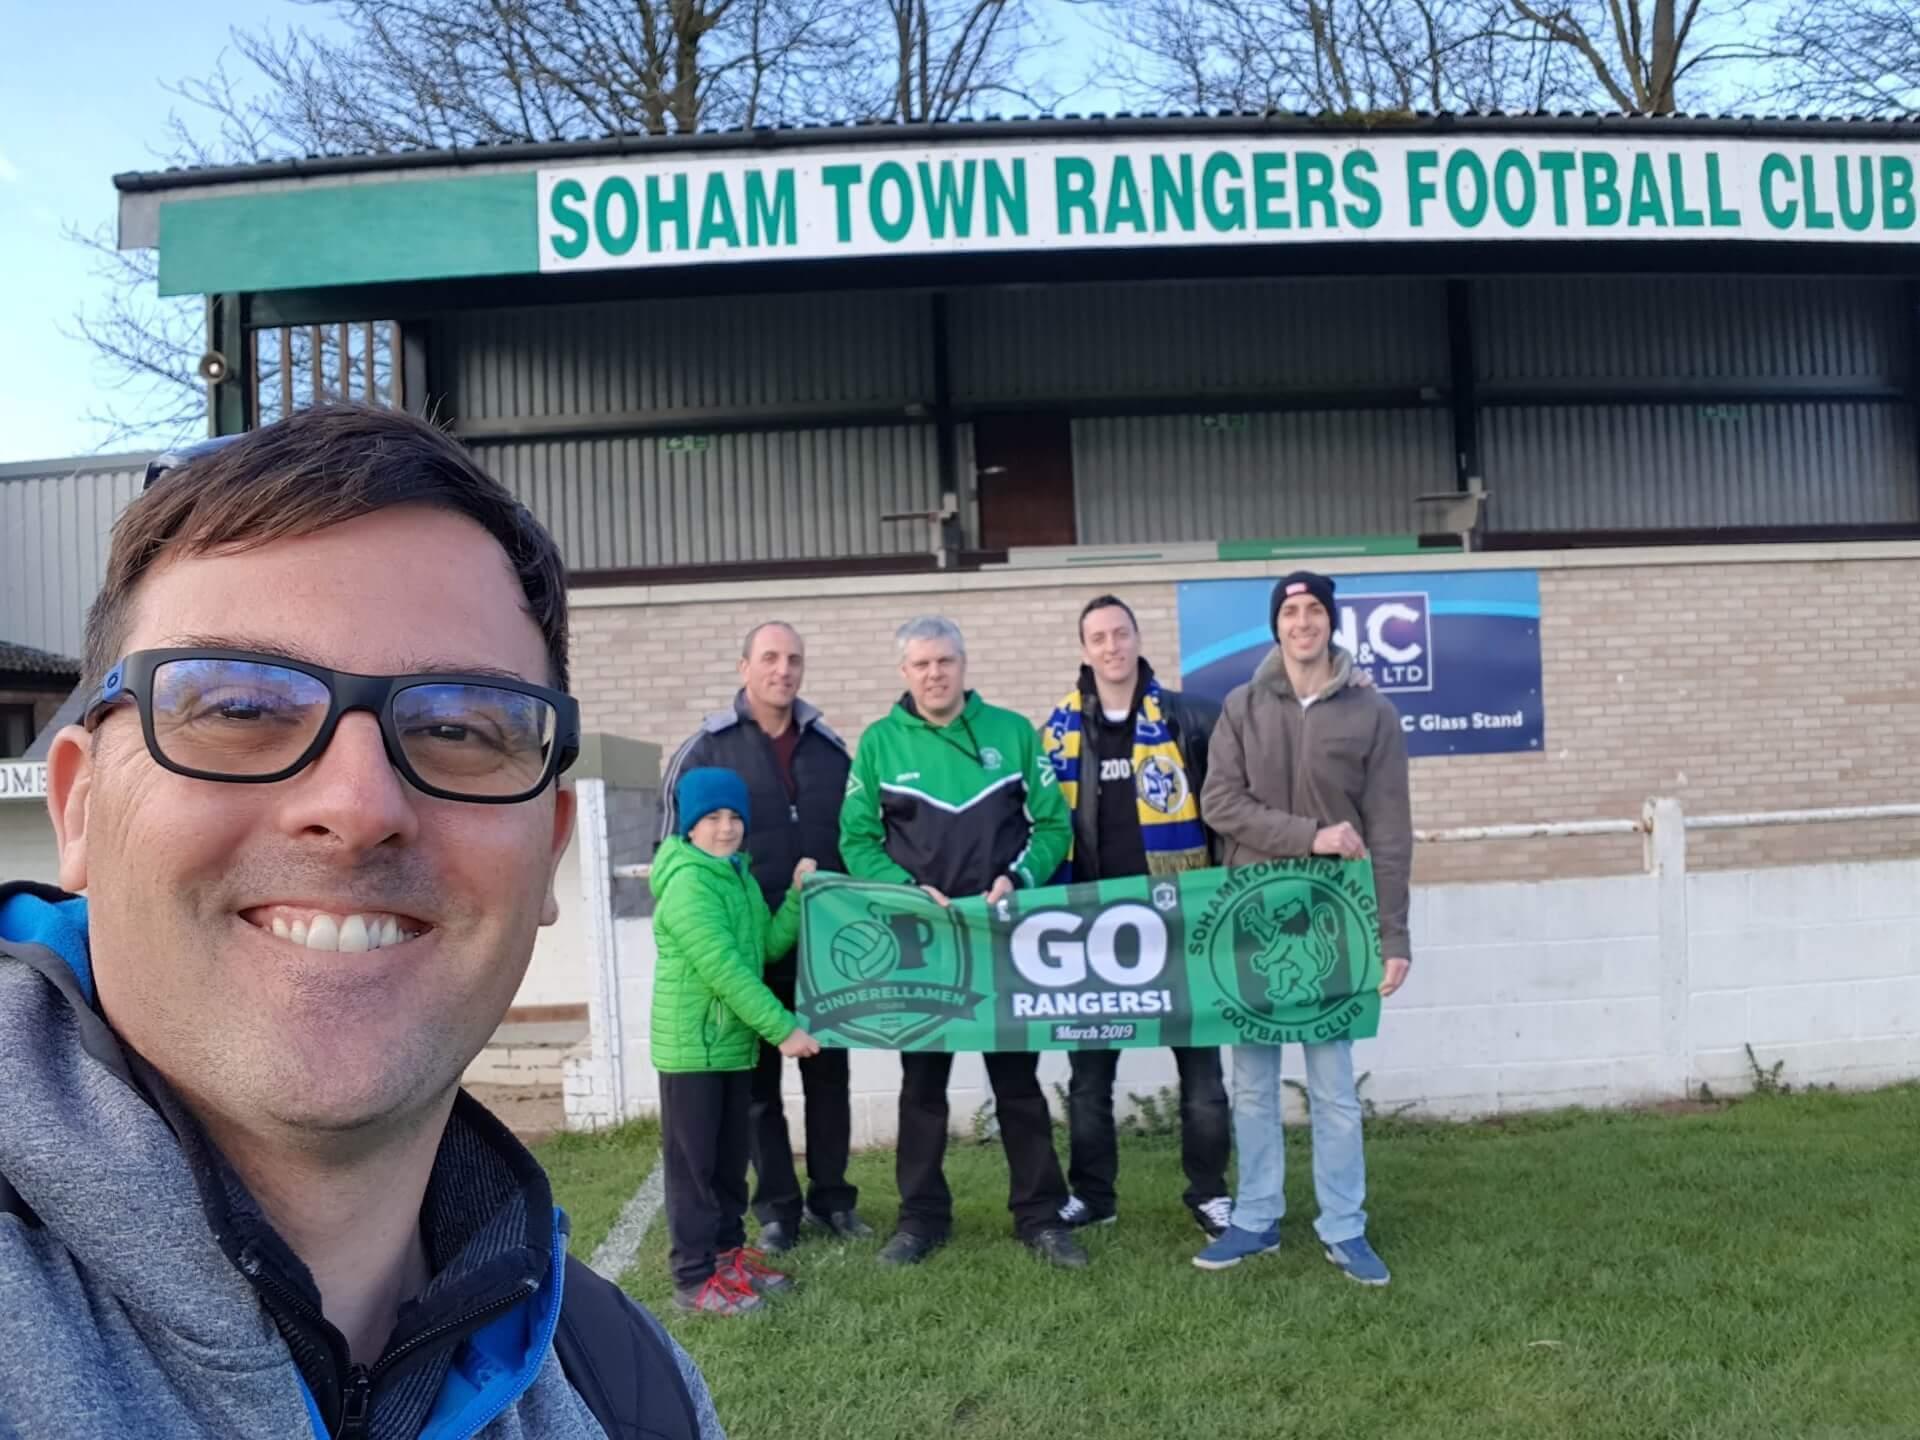 Soham_town_Rangers_FC_17